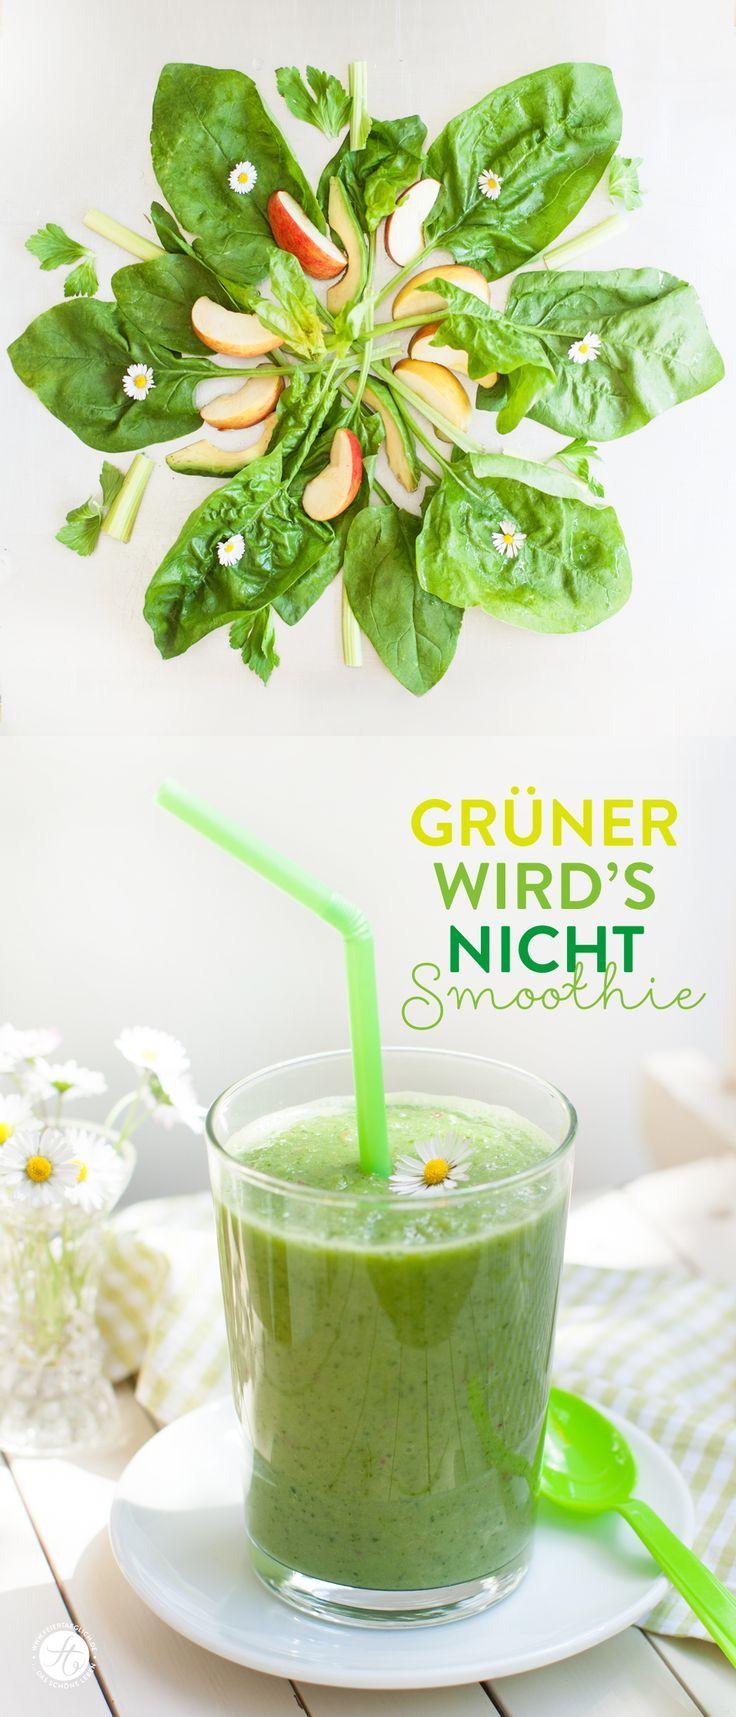 #SmoothieMontag : Grüner wird´s nicht Smoothie mit Spinat, Apfel, Avocado, Sellerie und Gänseblümchen, Rezept auf feiertaeglich.de